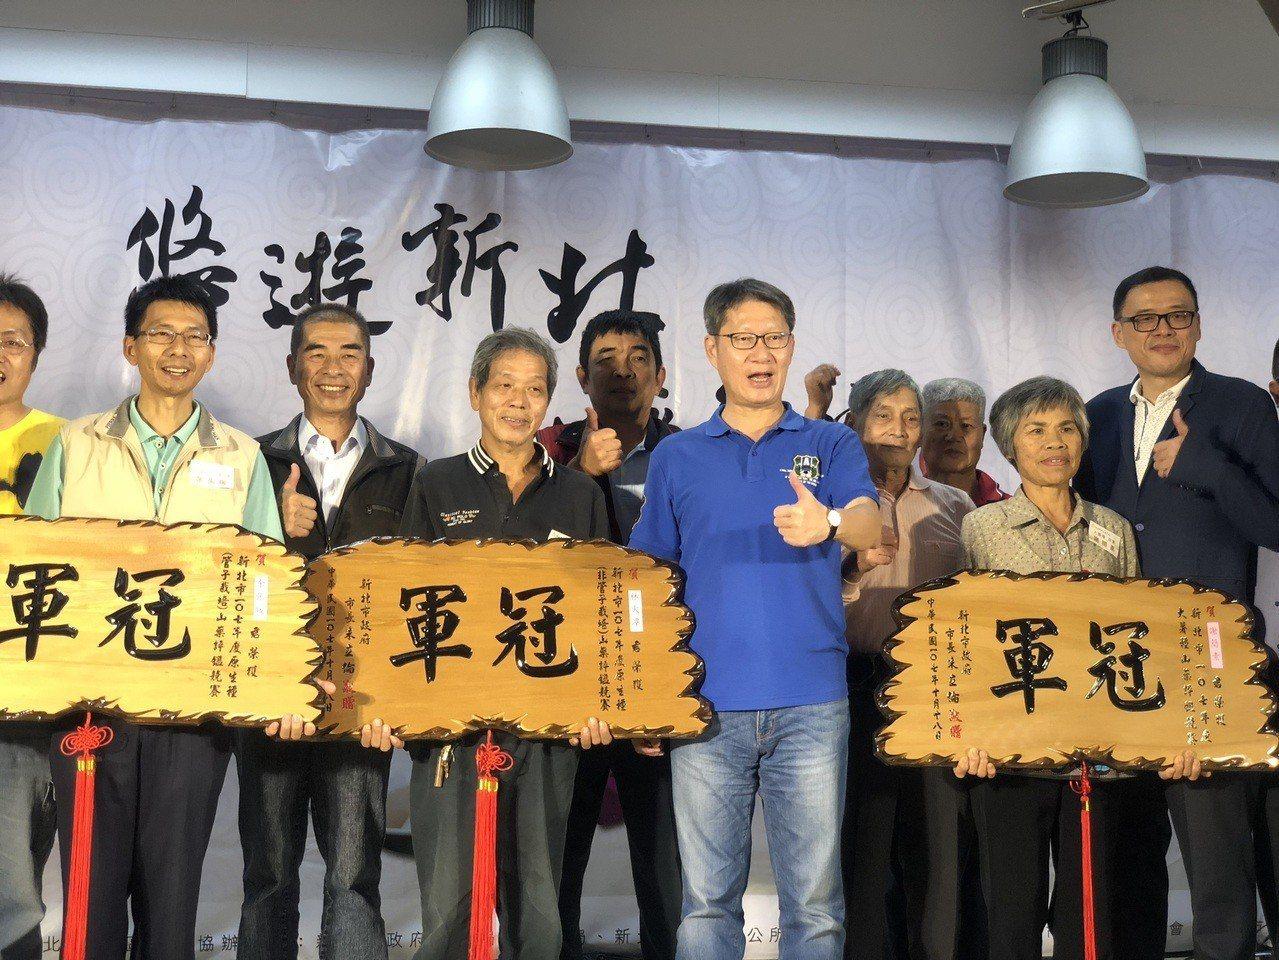 葉副市長頒獎給各組山藥冠軍。圖/新北農業局提供